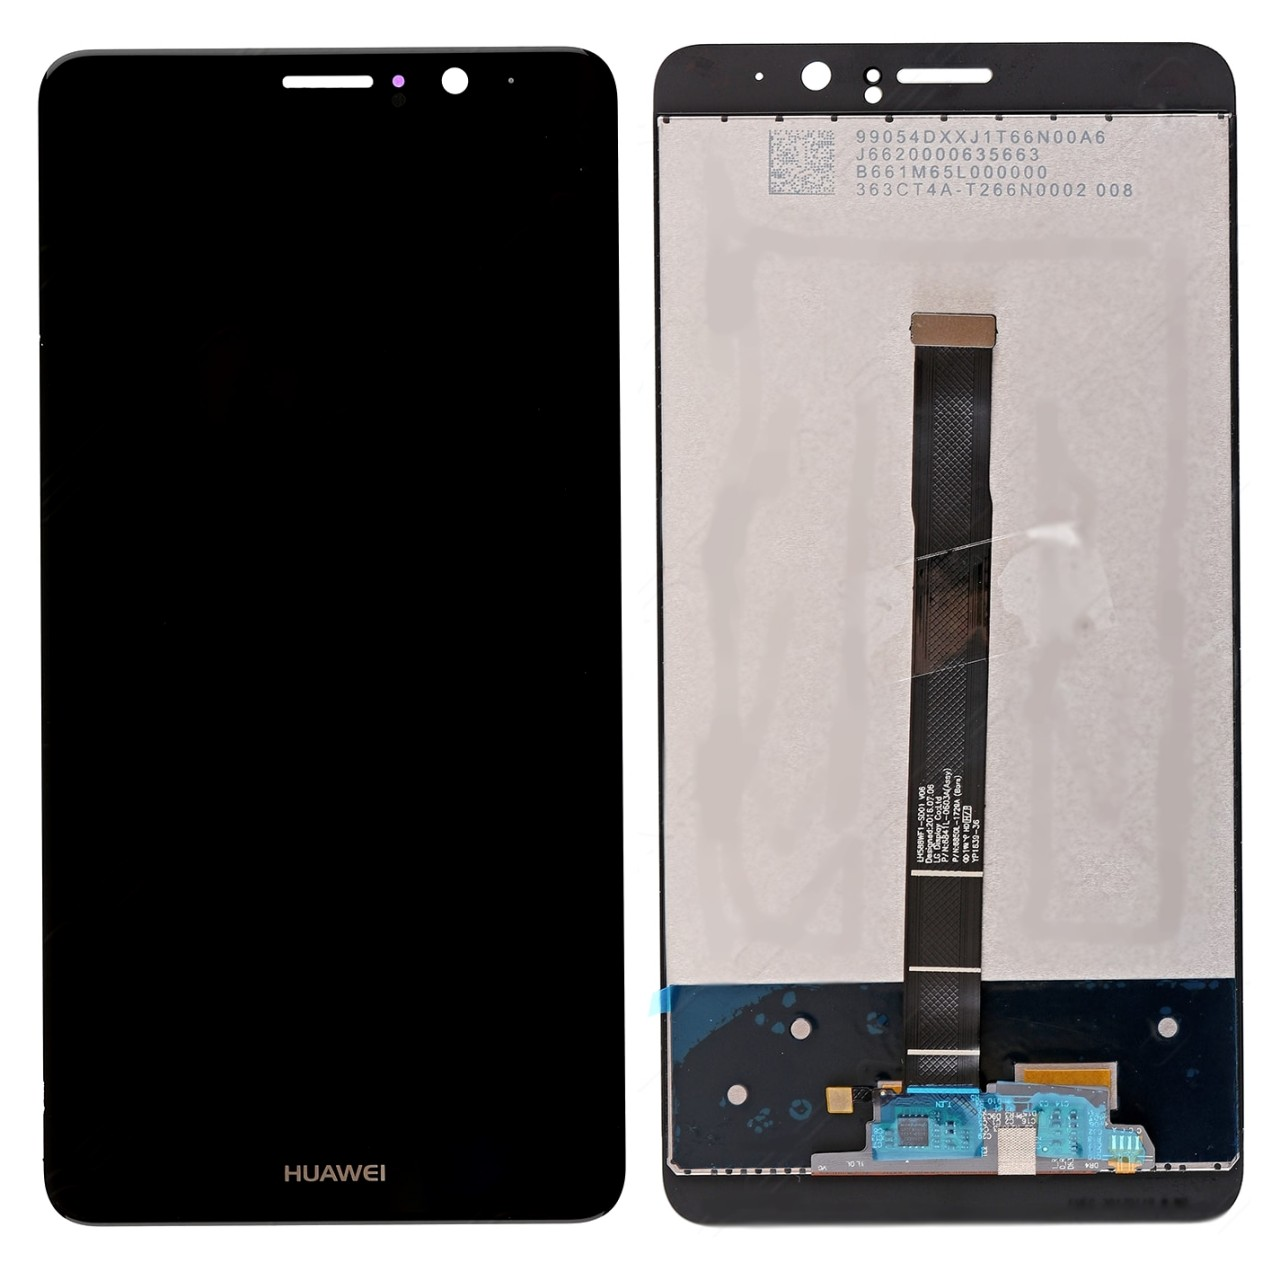 Display Huawei Mate 9 MHA L09 Black Negru imagine powerlaptop.ro 2021